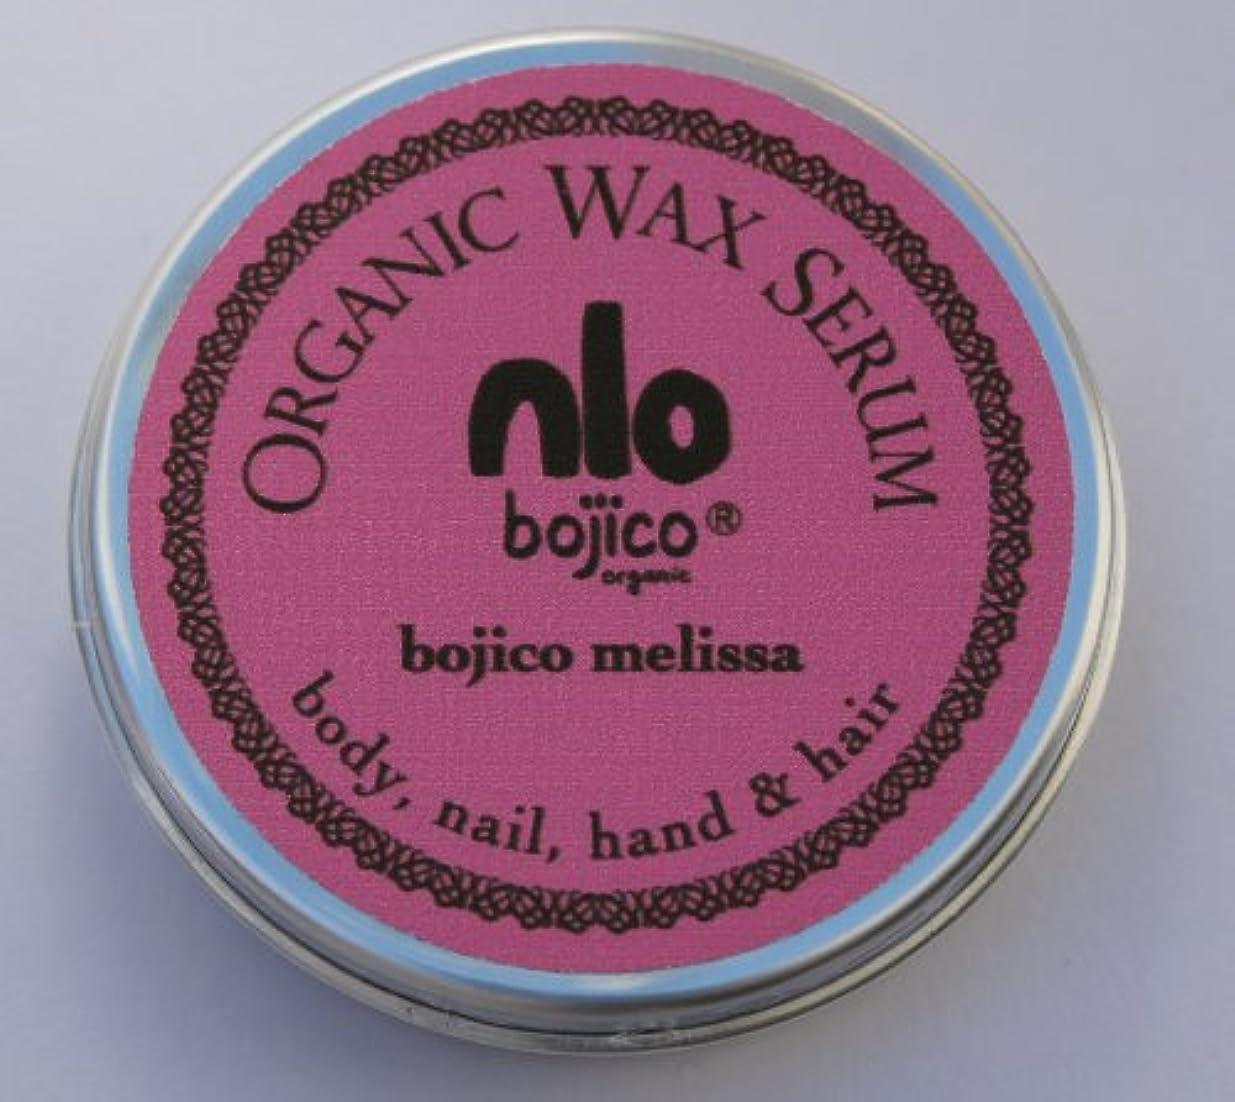 アクション合体そしてbojico オーガニック ワックス セラム<メリッサ> Organic Wax Serum 18g